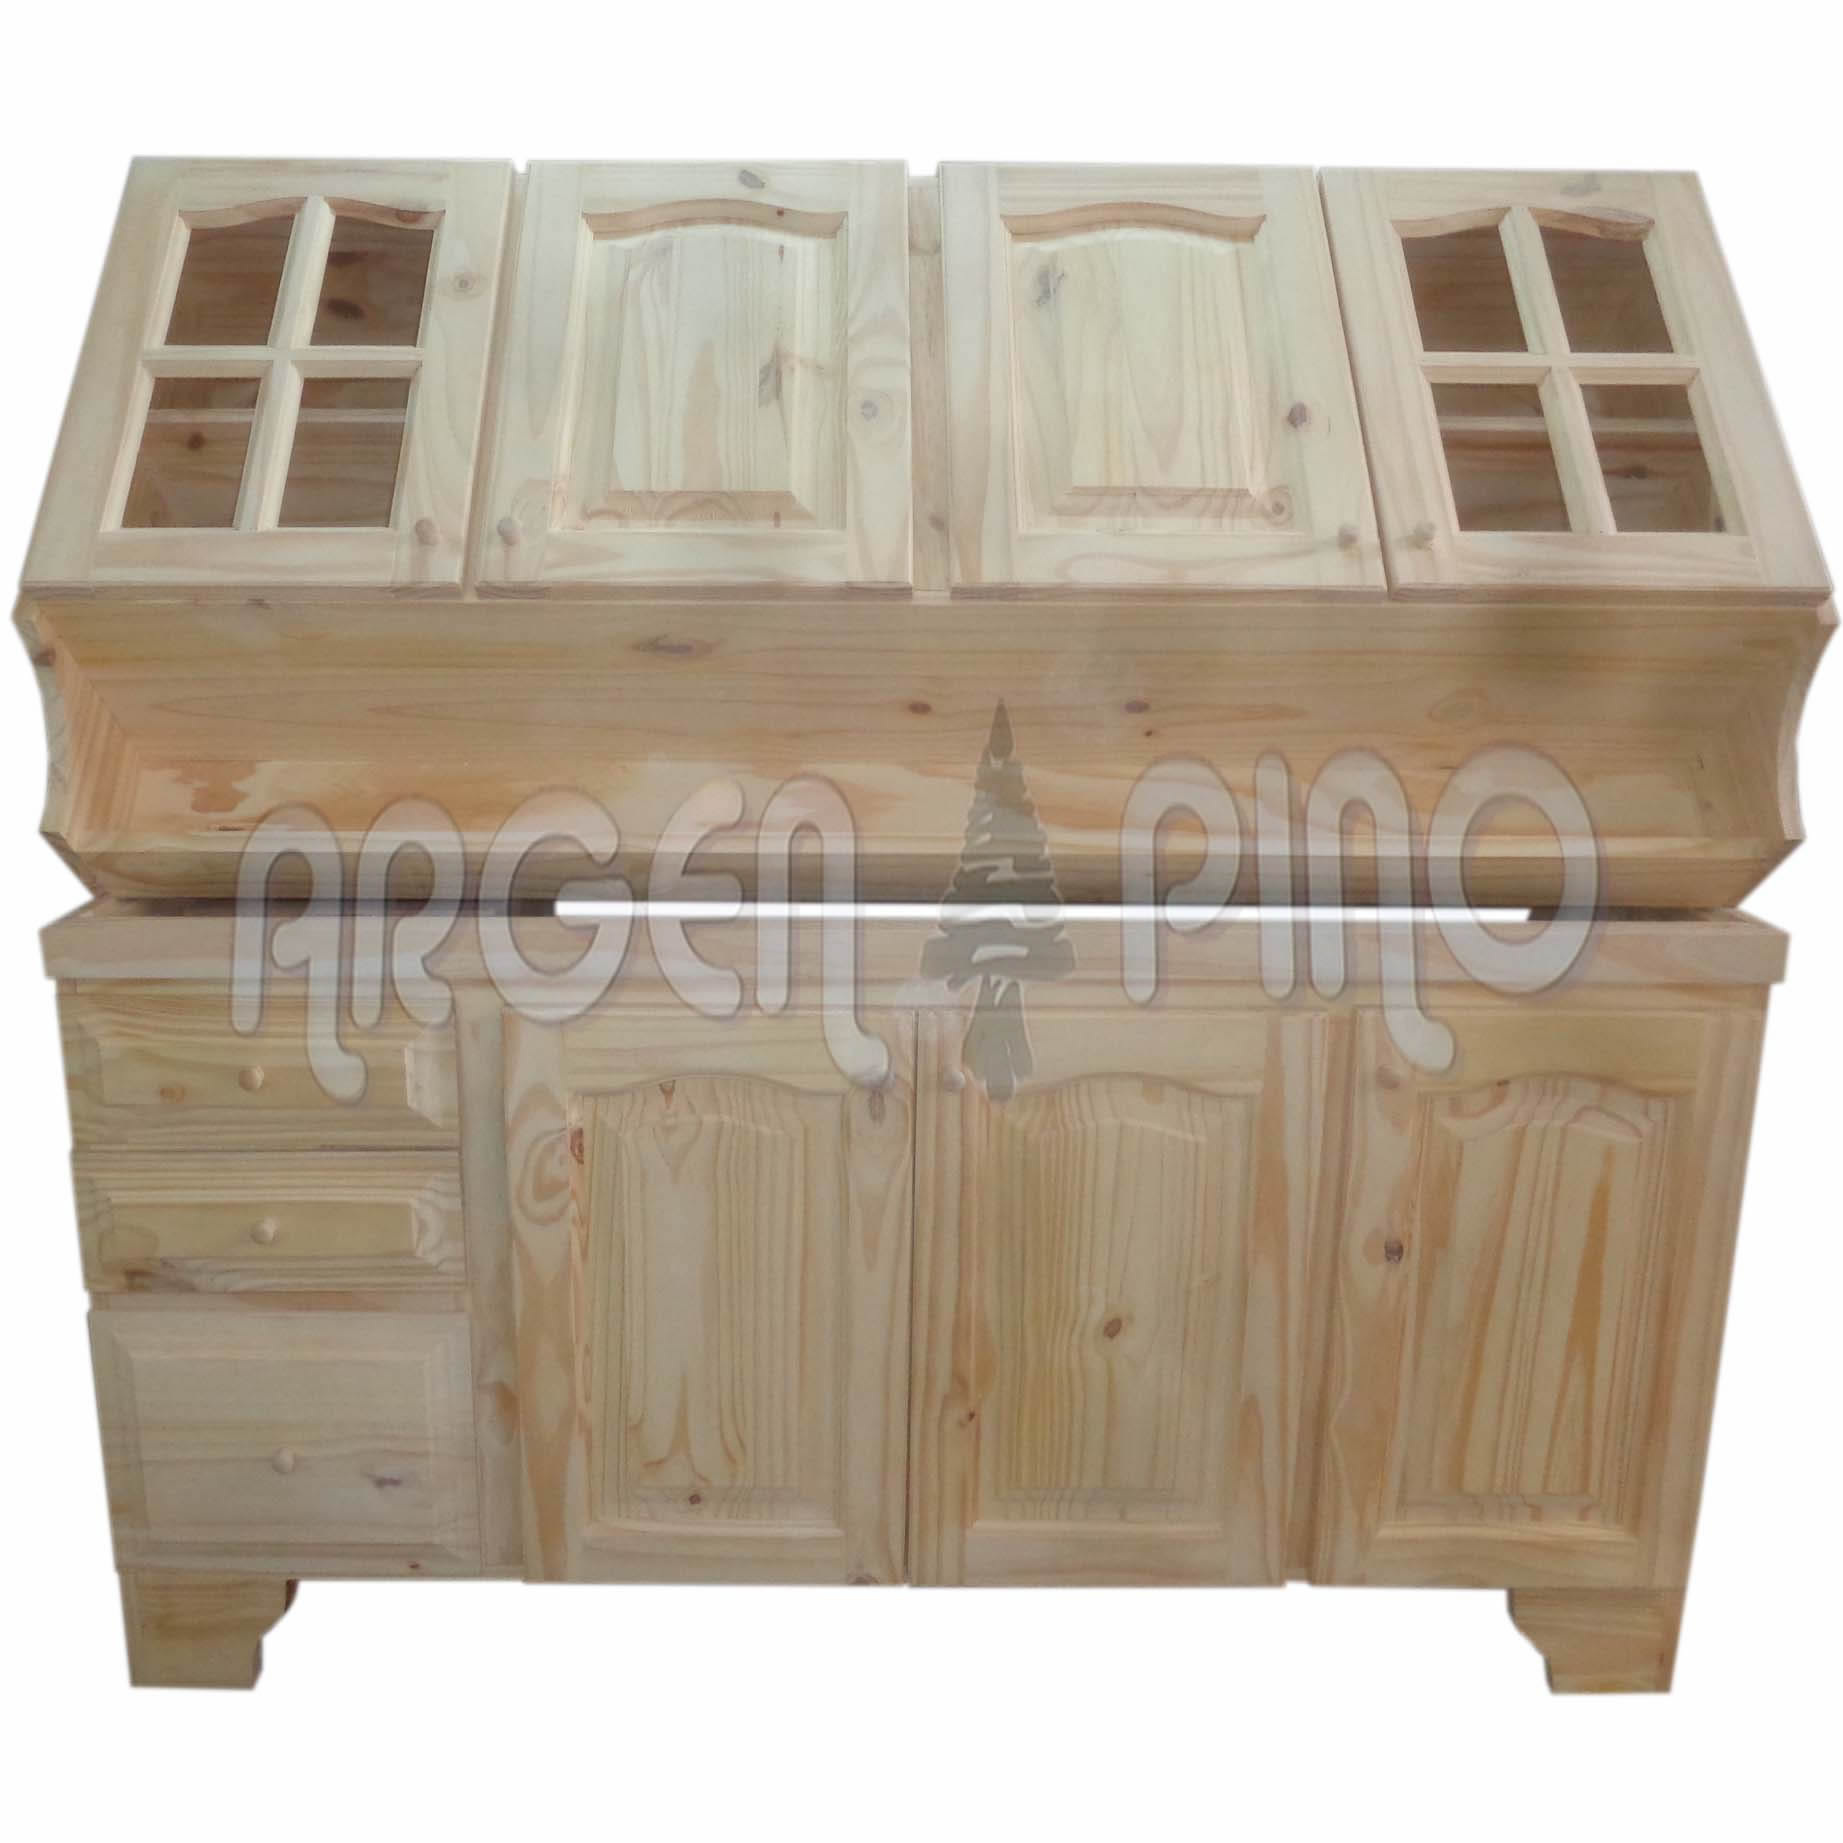 Muebles de pino macizo modernos muebles televisin madera - Muebles de pino rusticos ...